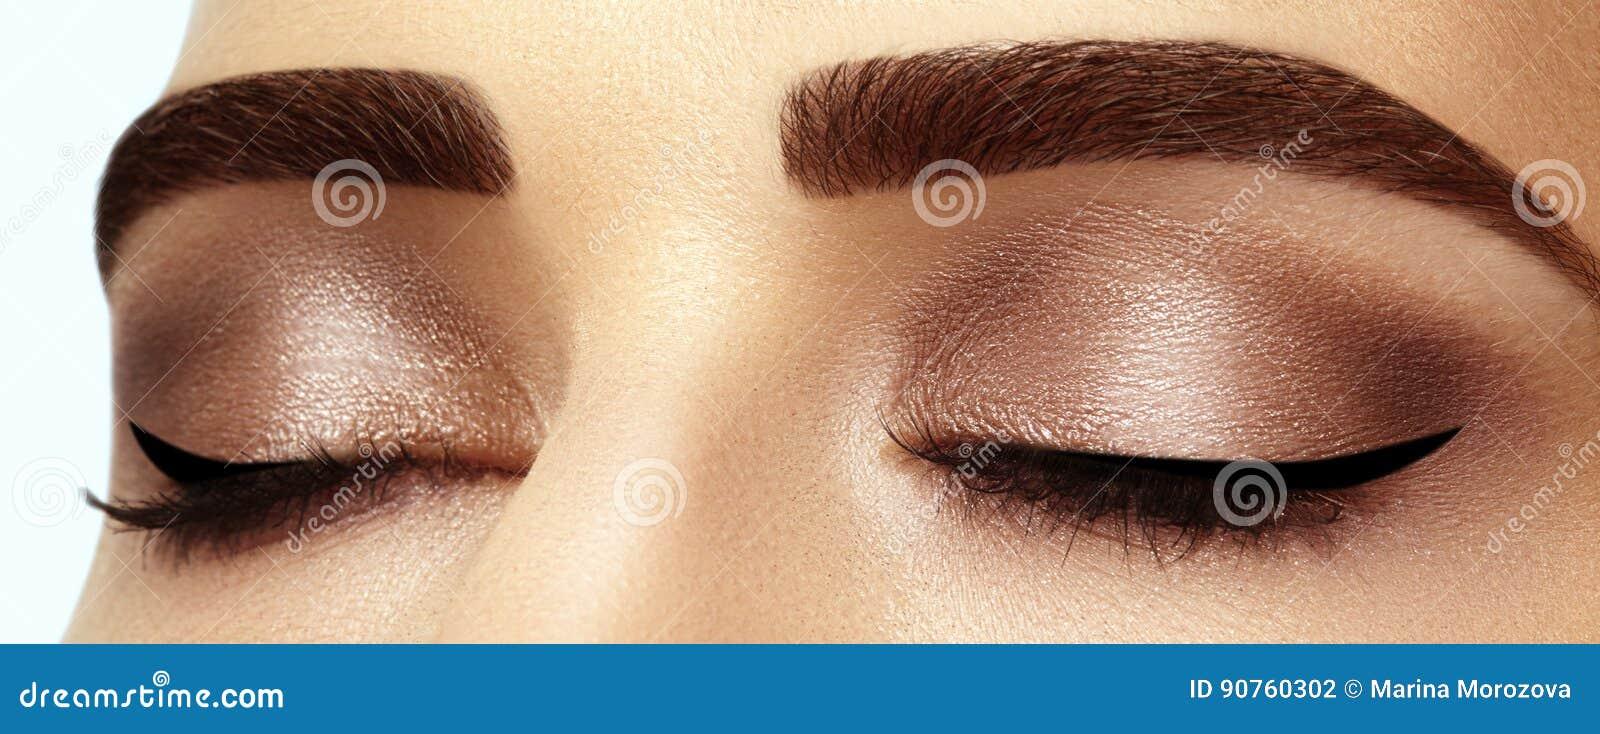 眼眉、棕色眼影膏和长的睫毛完善的形状  时尚发烟性眼睛脸特写镜头宏观射击